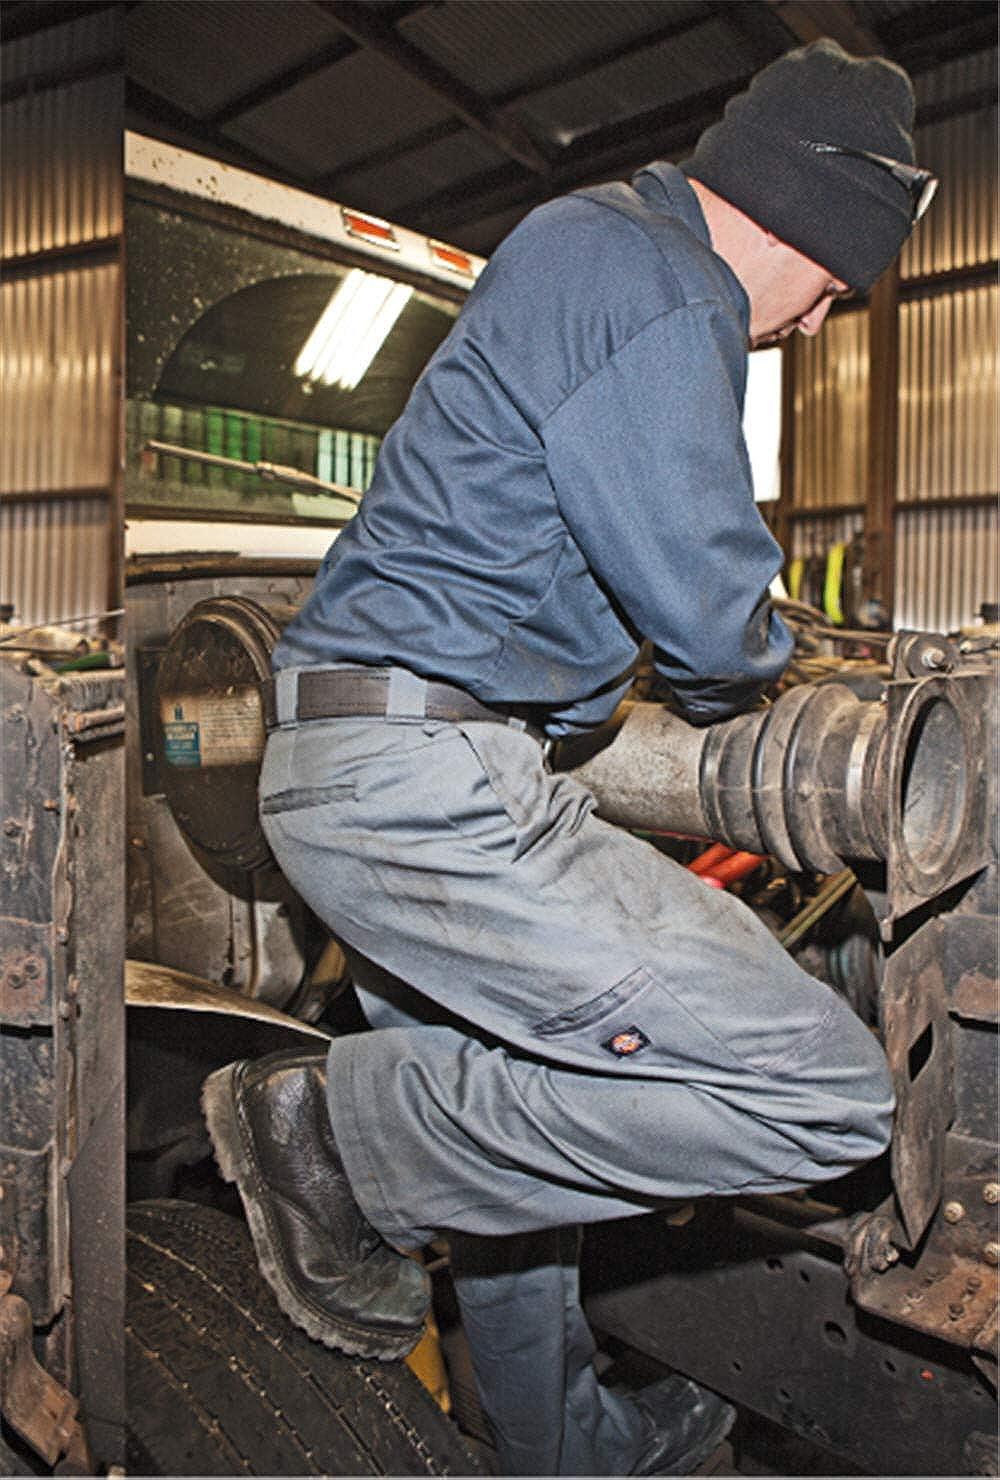 Dickies Men's Loose Fit Double Knee Work Pant: Clothing